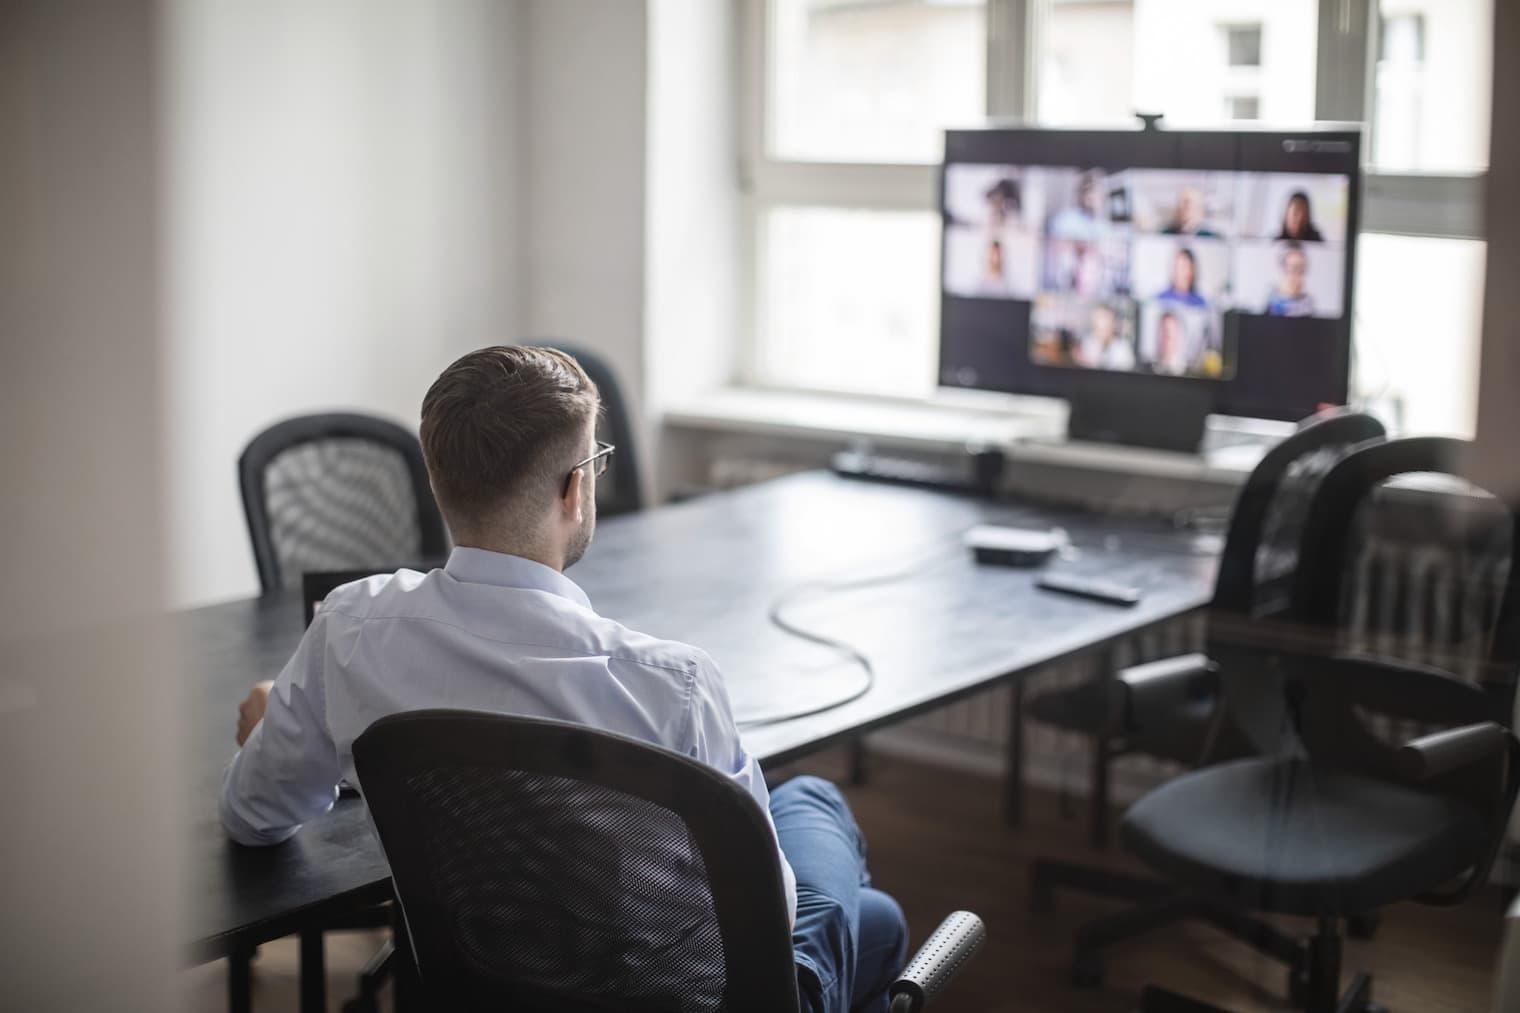 In una sala conferenze, un dipendente siede davanti a uno schermo e partecipa a una videoconferenza.